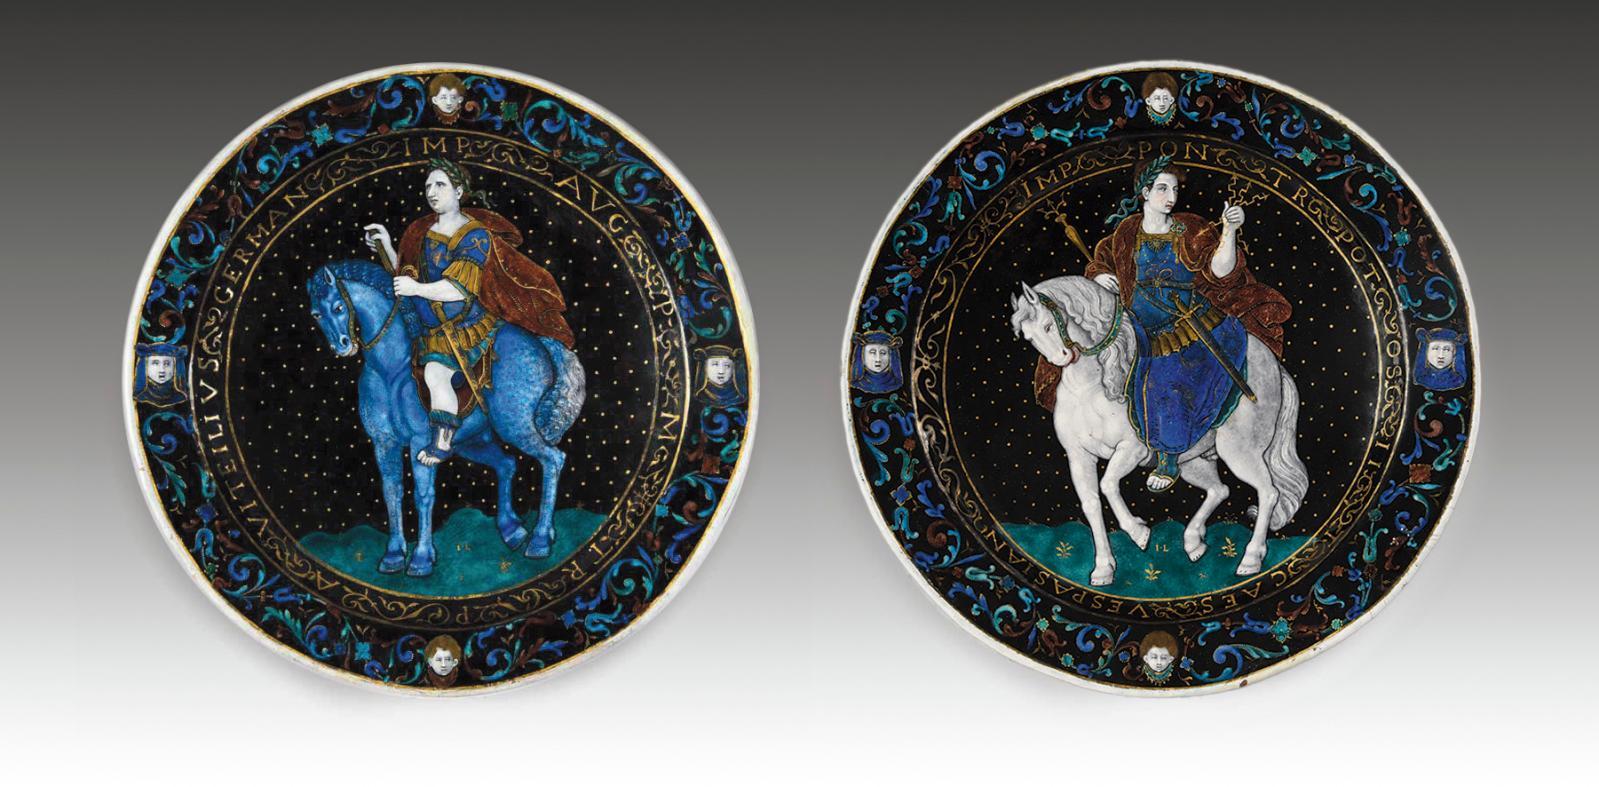 Ces deux assiettes données à l'émailleur Jean Limosin (vers 1528-1610), ornées chacune d'un empereur romain à cheval et appartenant sans d